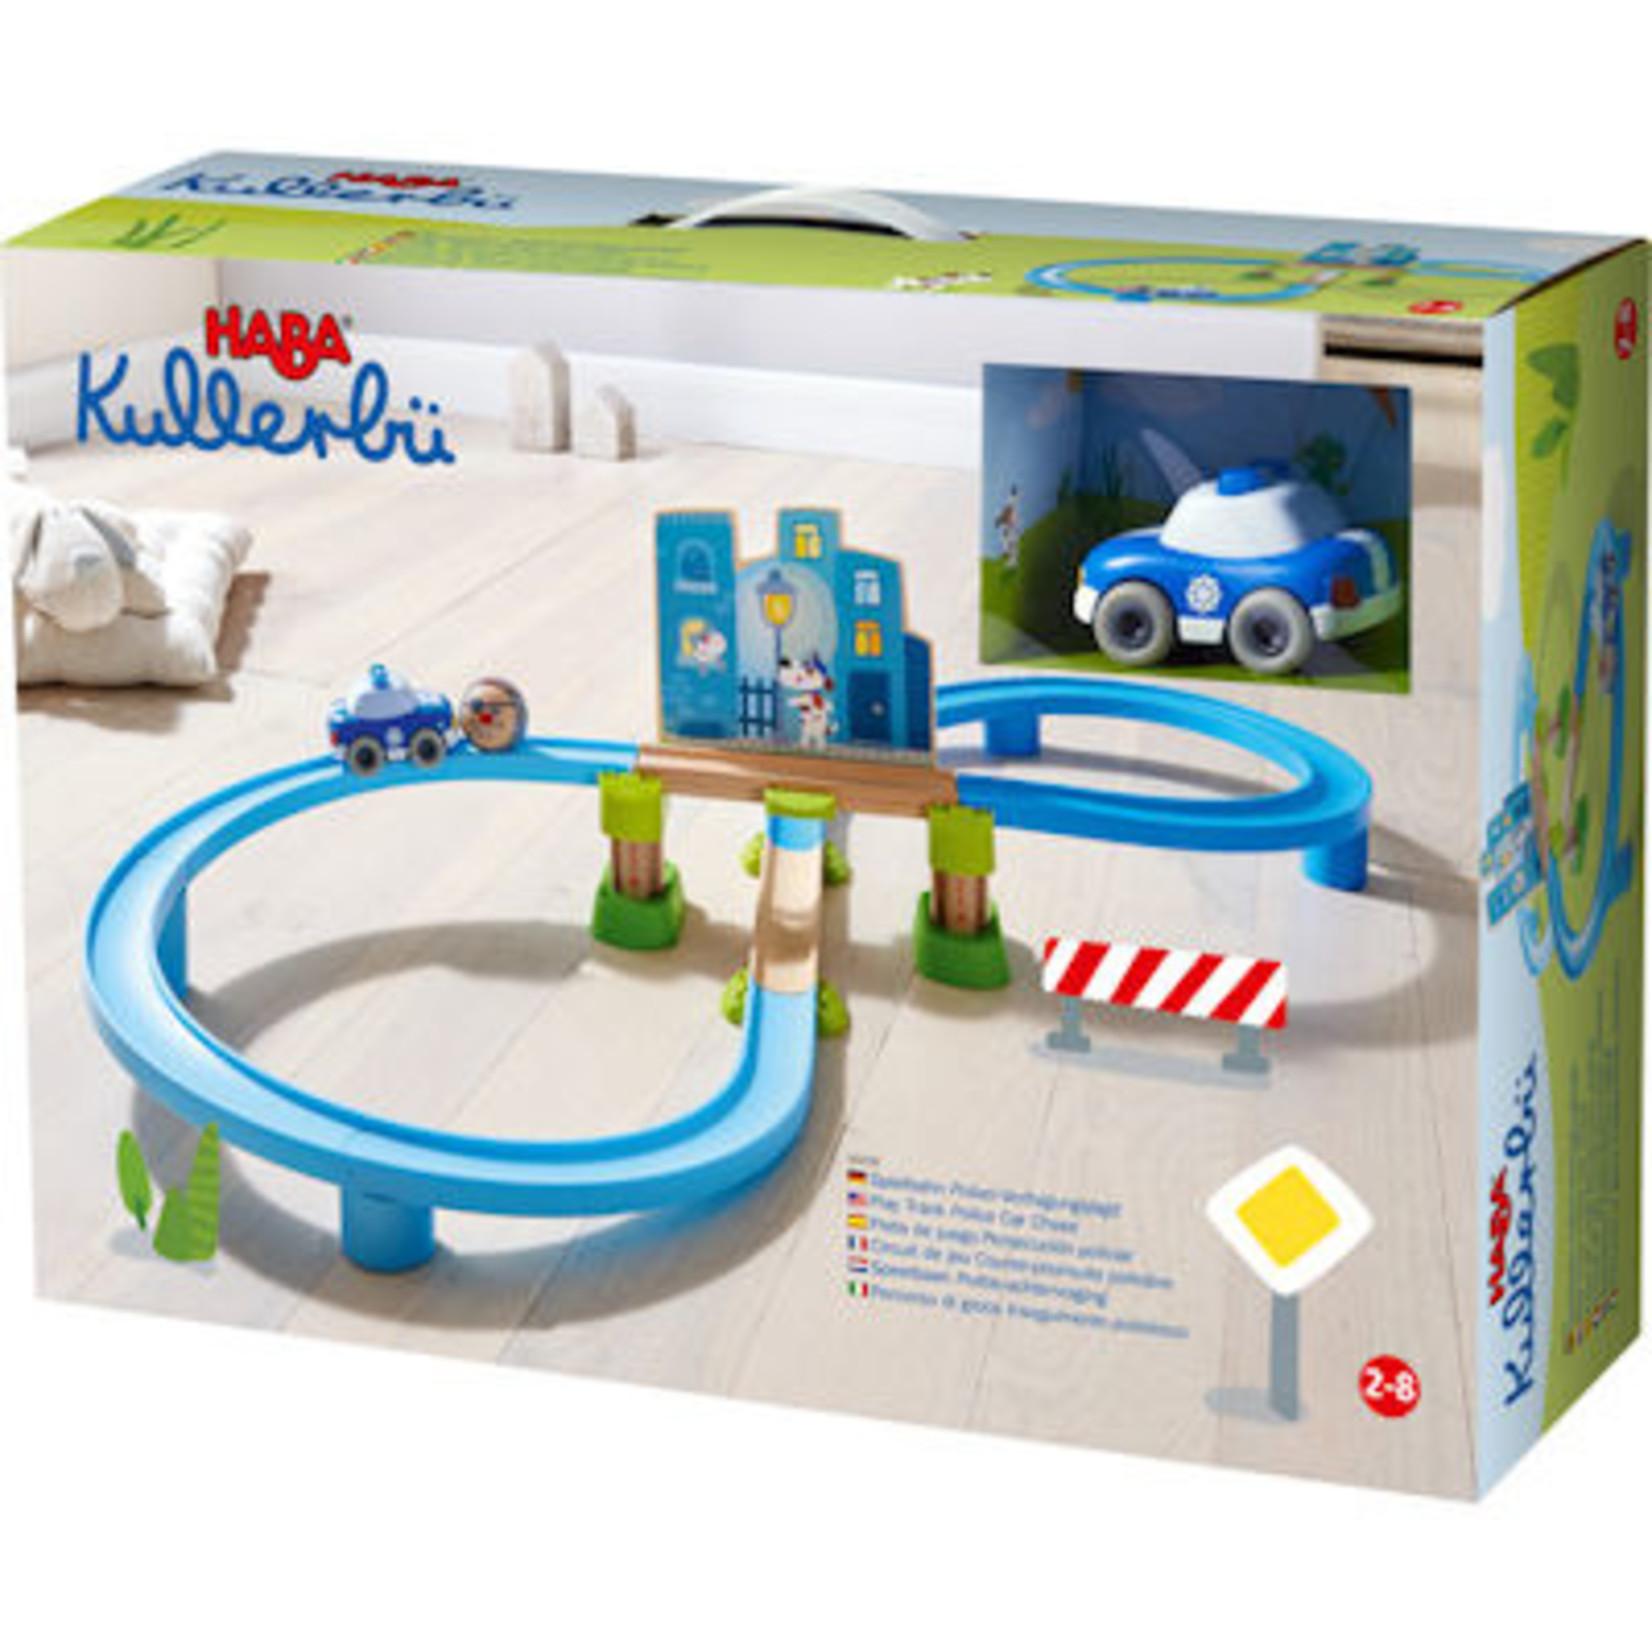 Haba Mijn eerste knikkerbaan Kullerbü - Speelbaan Politie achtervolging